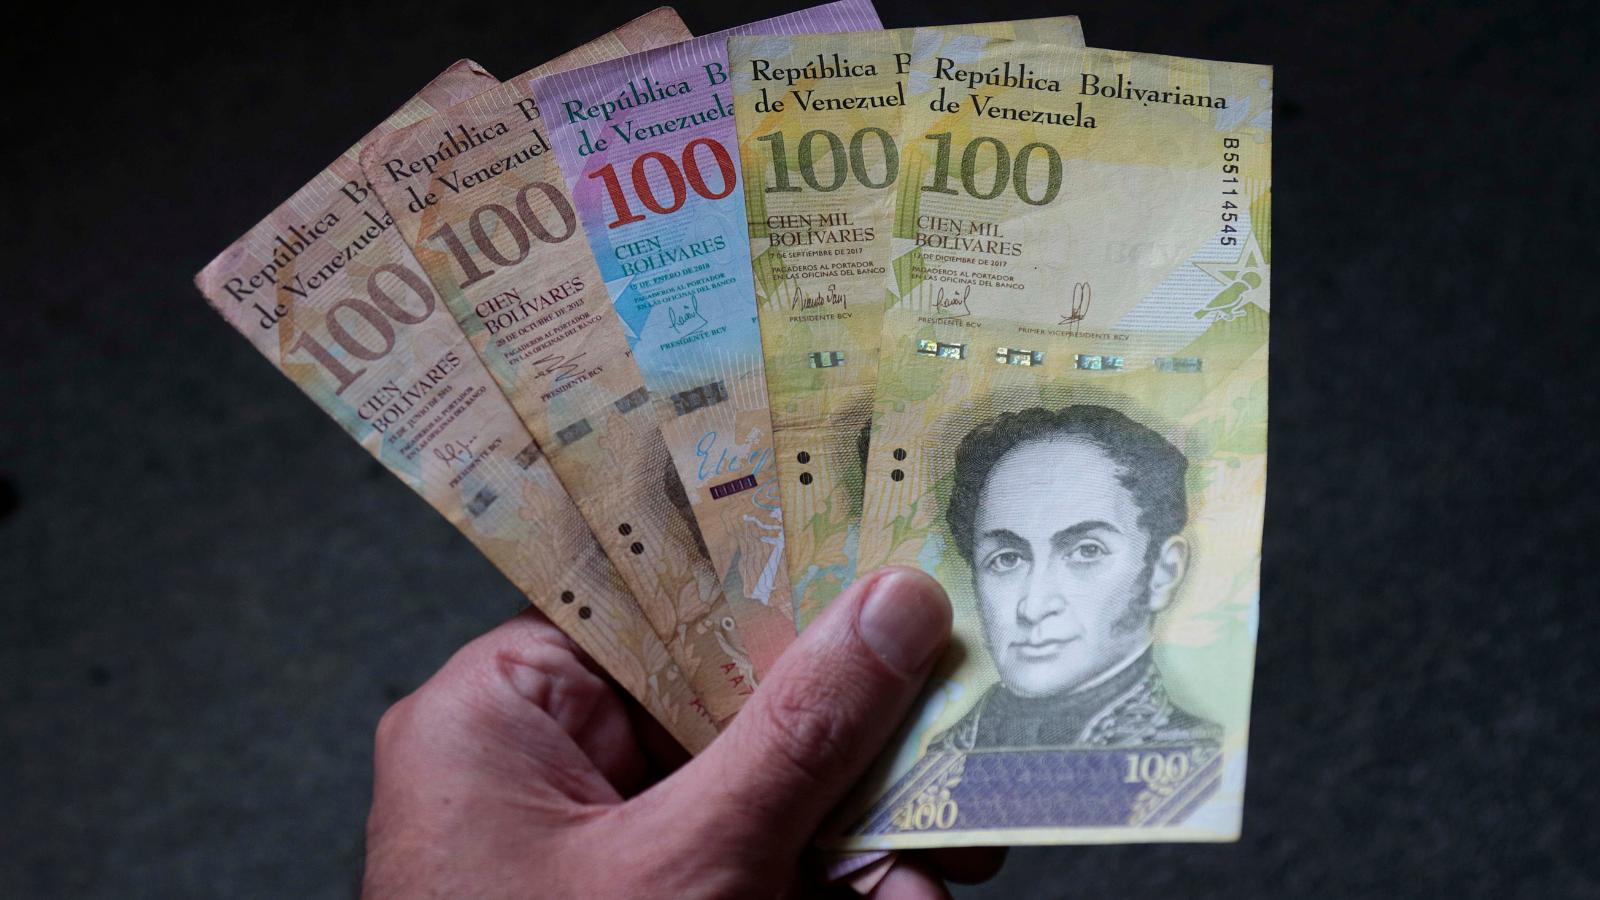 Reconversión del bolívar: ¿menos ceros, más migrantes venezolanos?